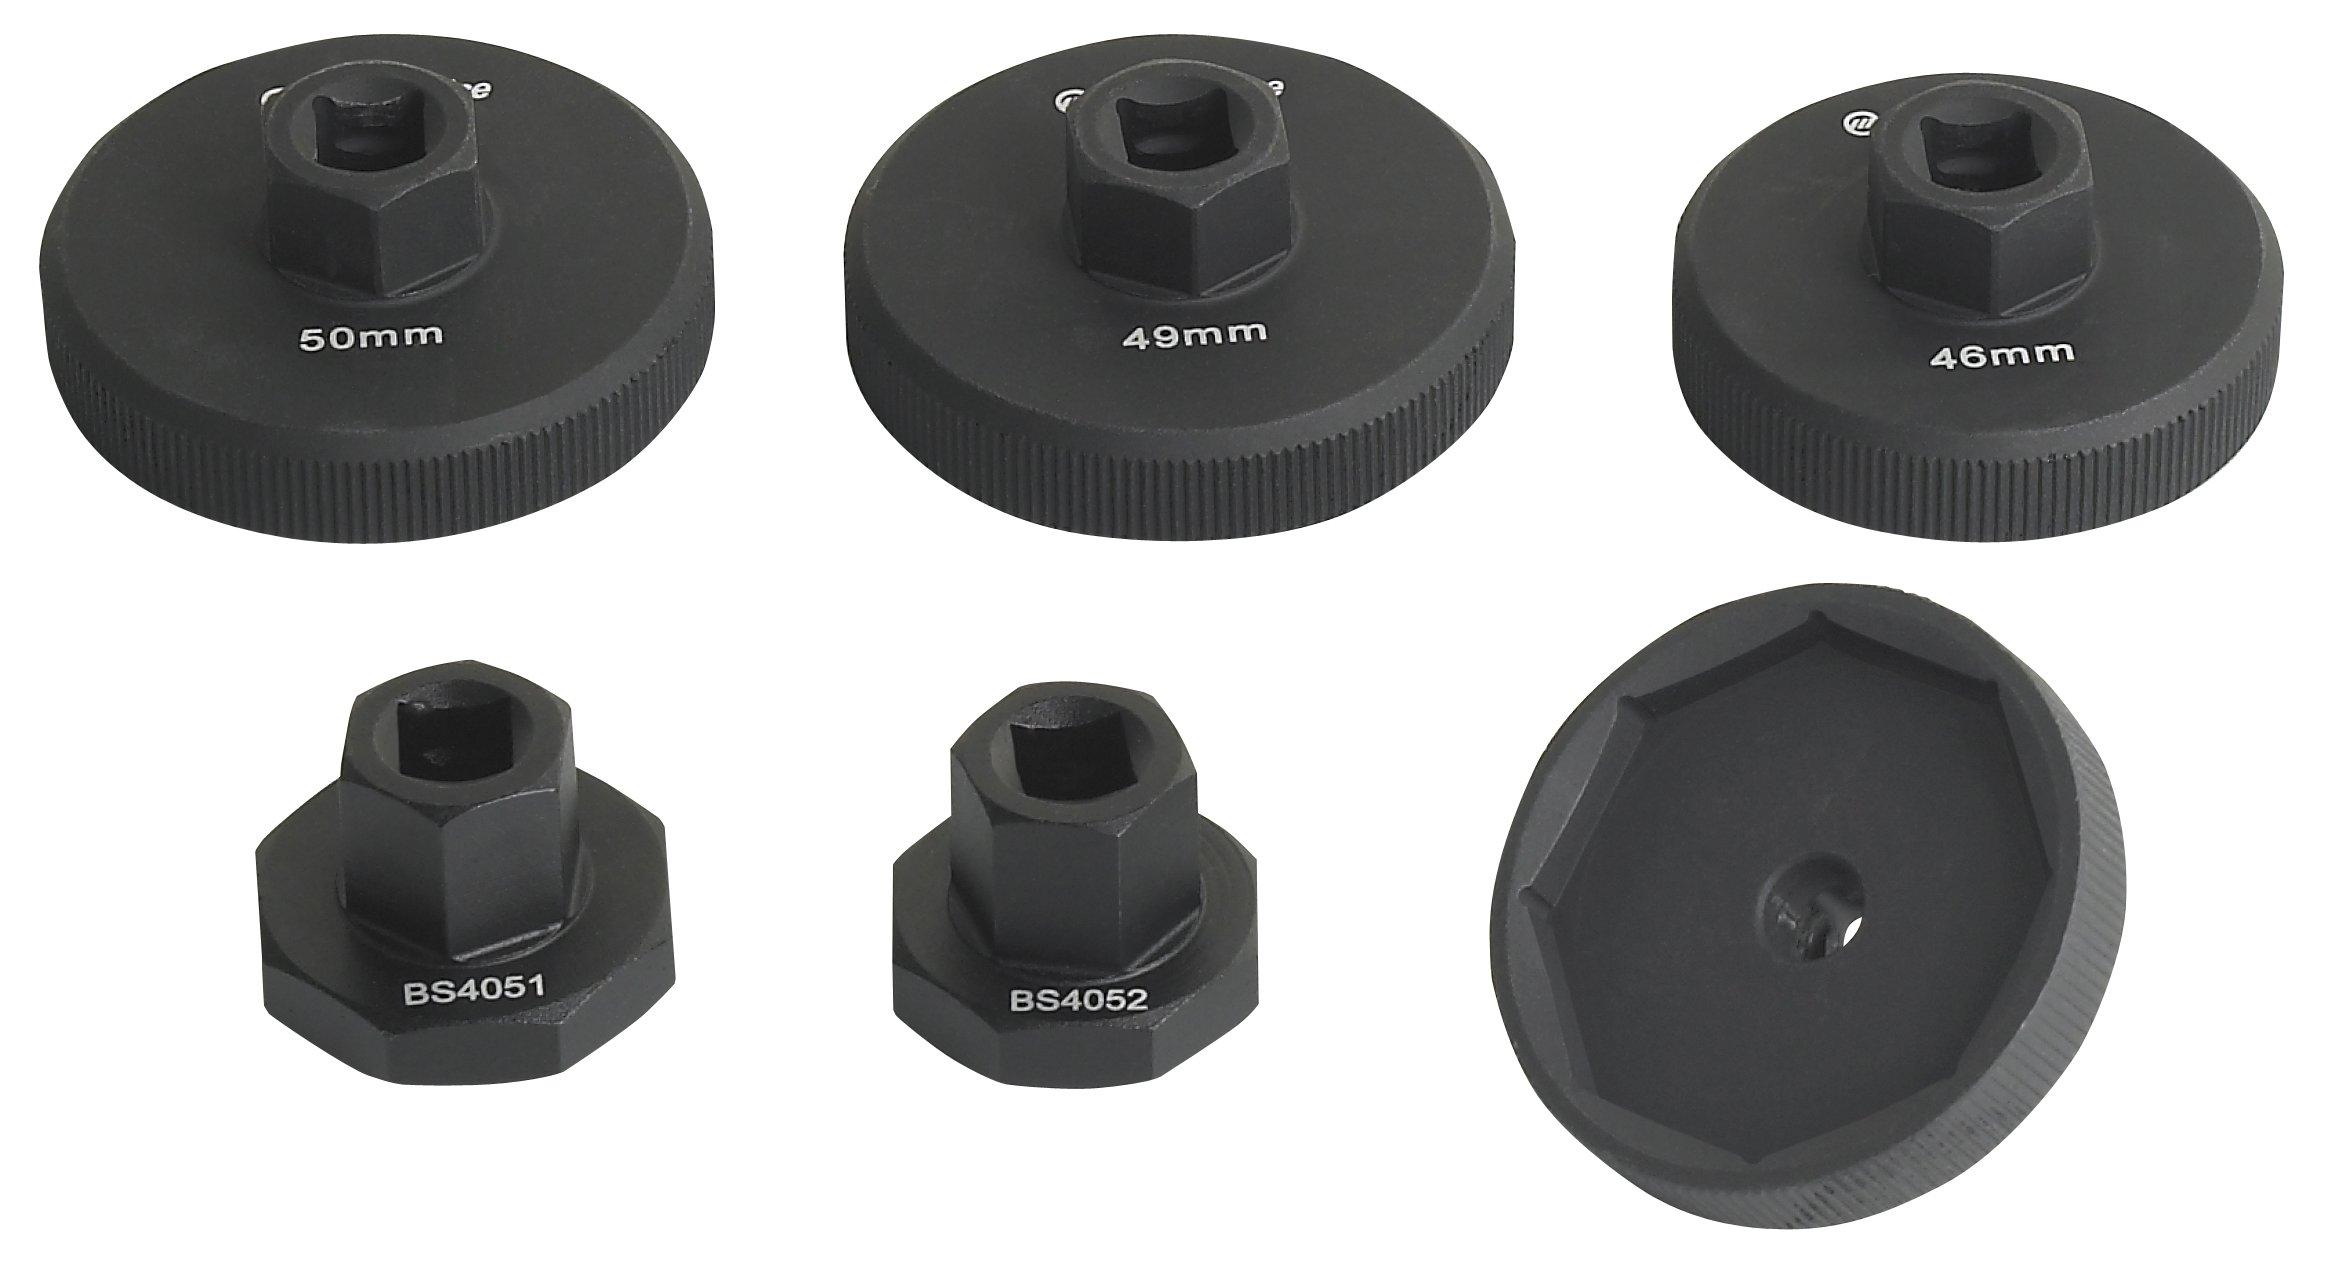 OTC Tools 4889 Fork Cap and Compression Valve Socket Set